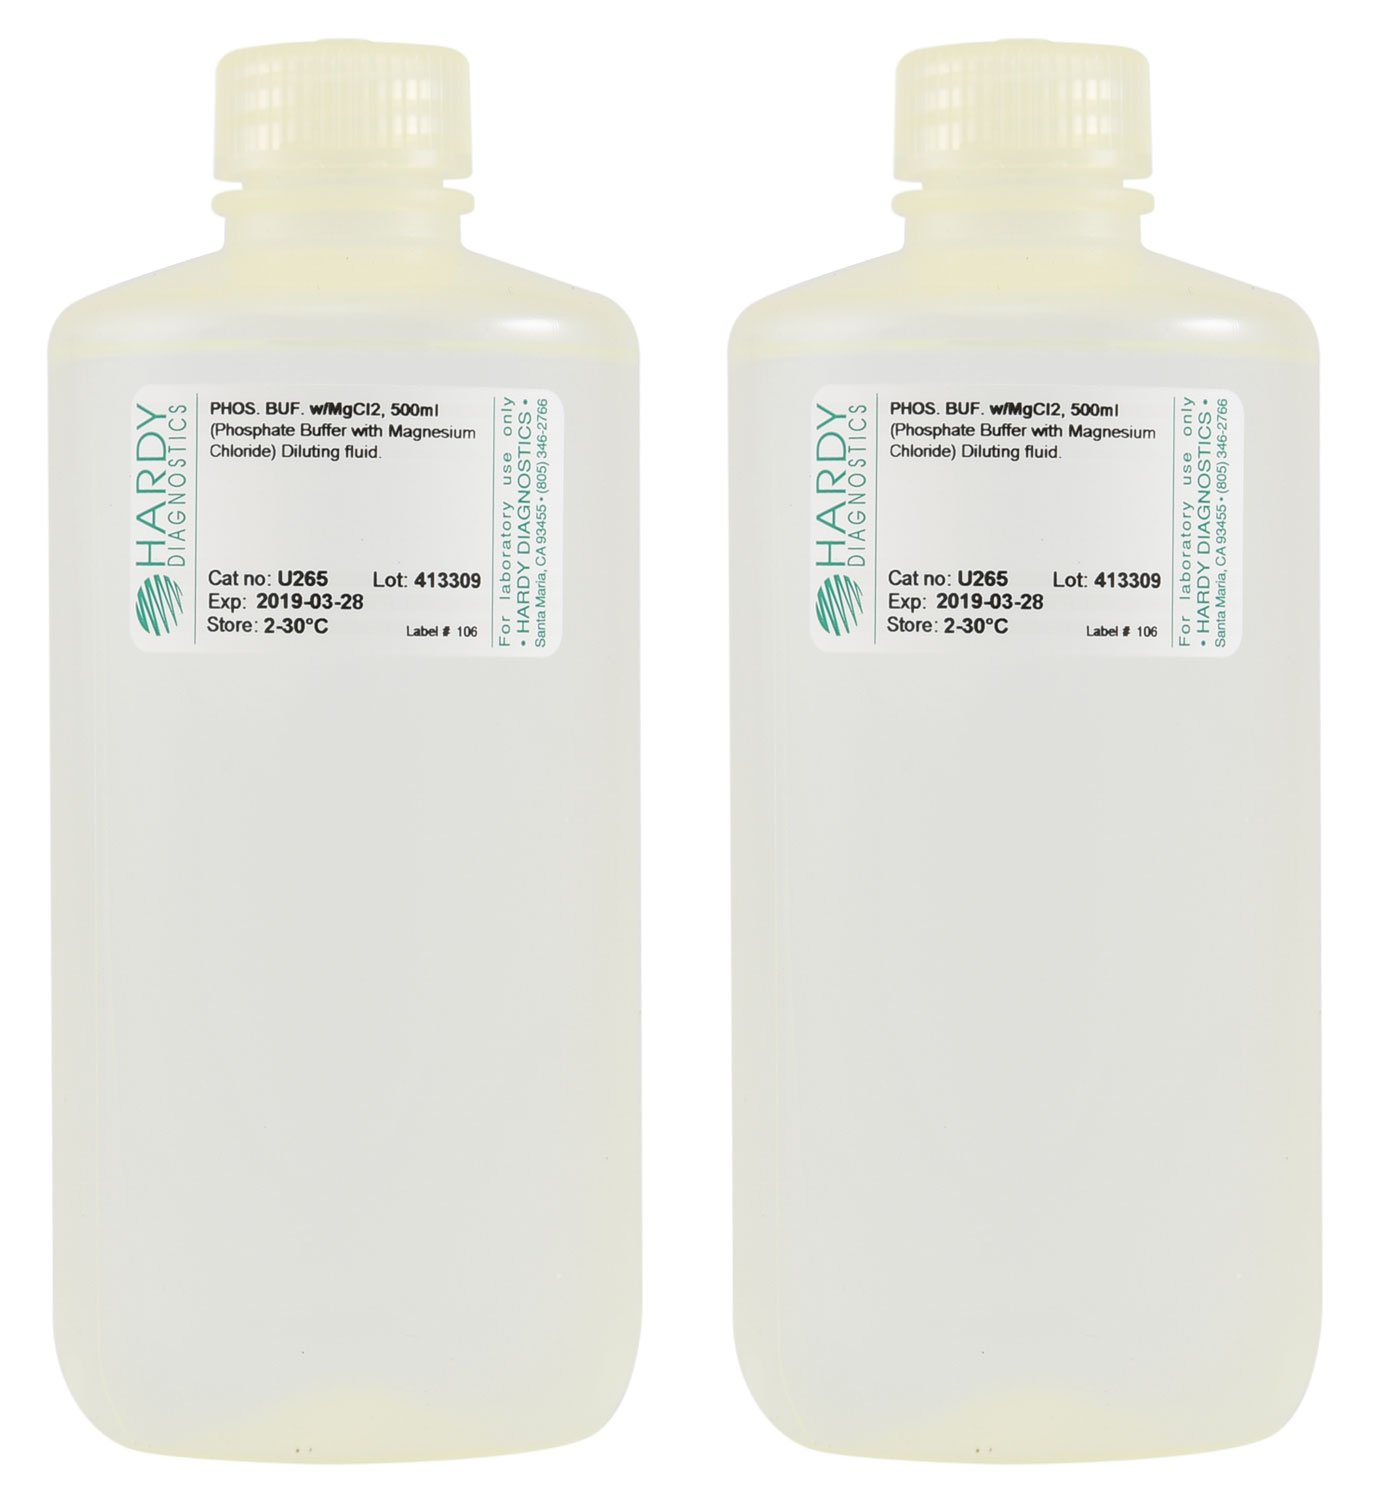 Difusor de fosfato con cloro de magnesio, 500 ml, relleno en una botella de polipropileno de 500 ml, pedido por el paquete de 10, por Hardy Diagnostics: ...